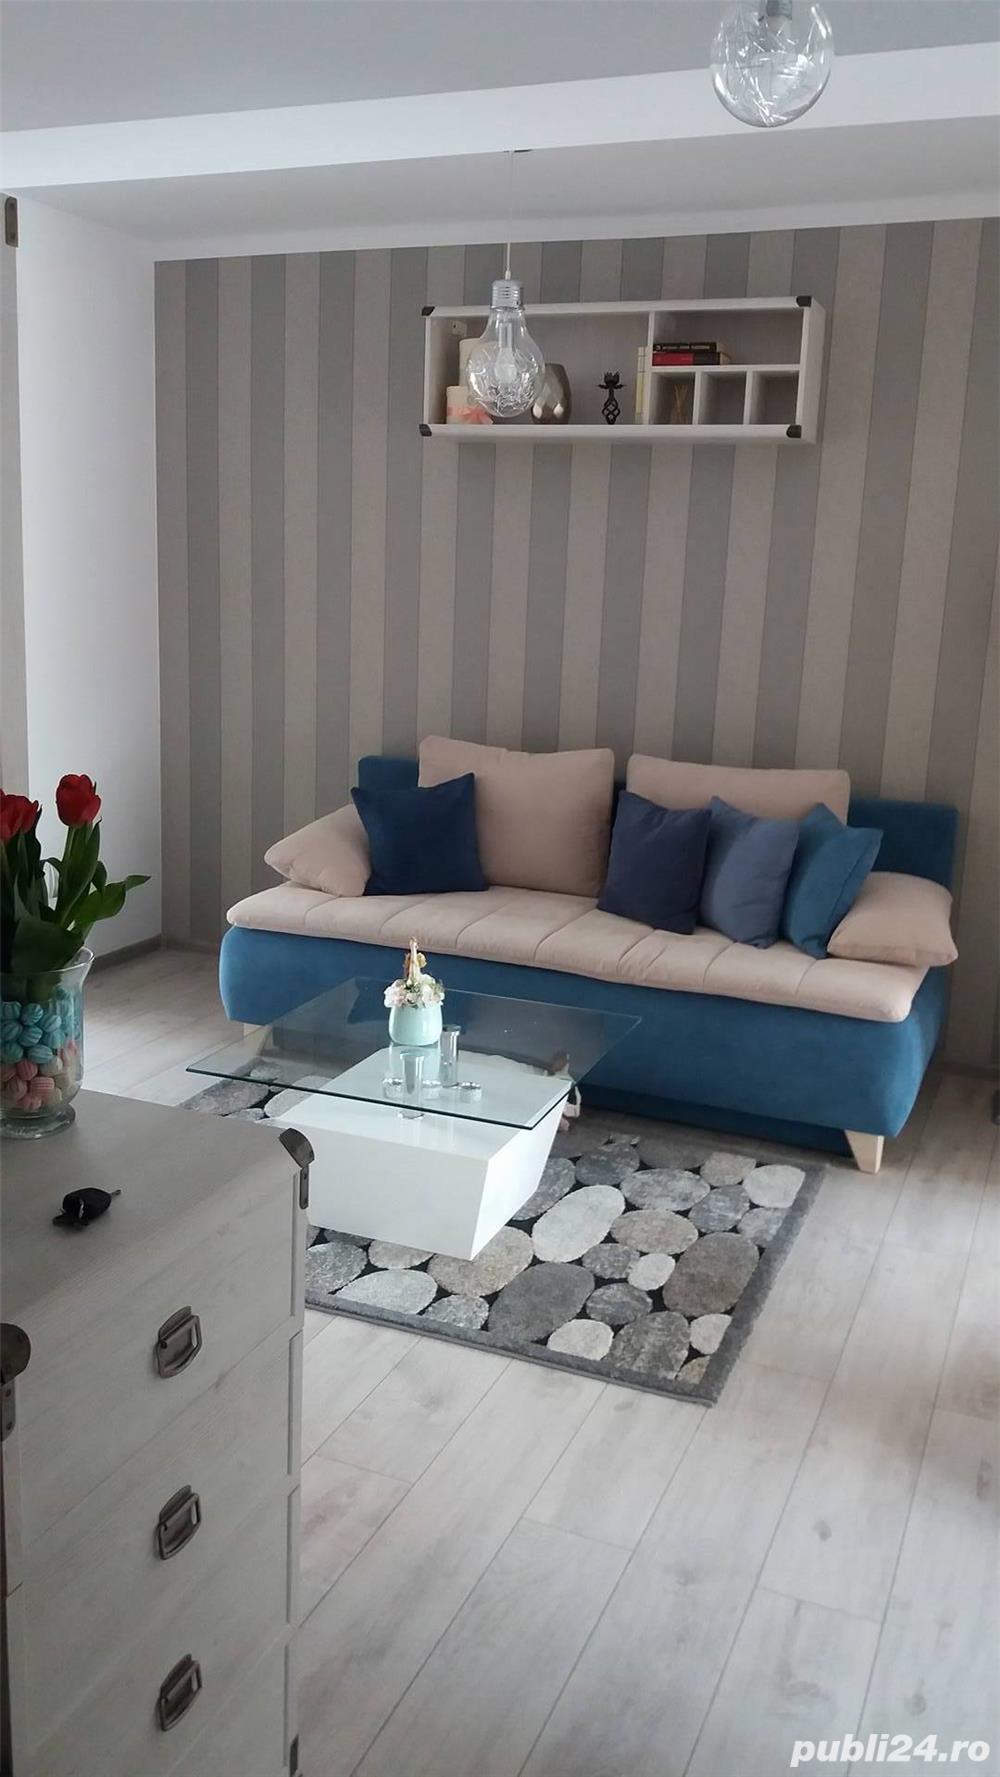 Imobiliare, apartament 3 camere semicentral, tip mansarda, urgent